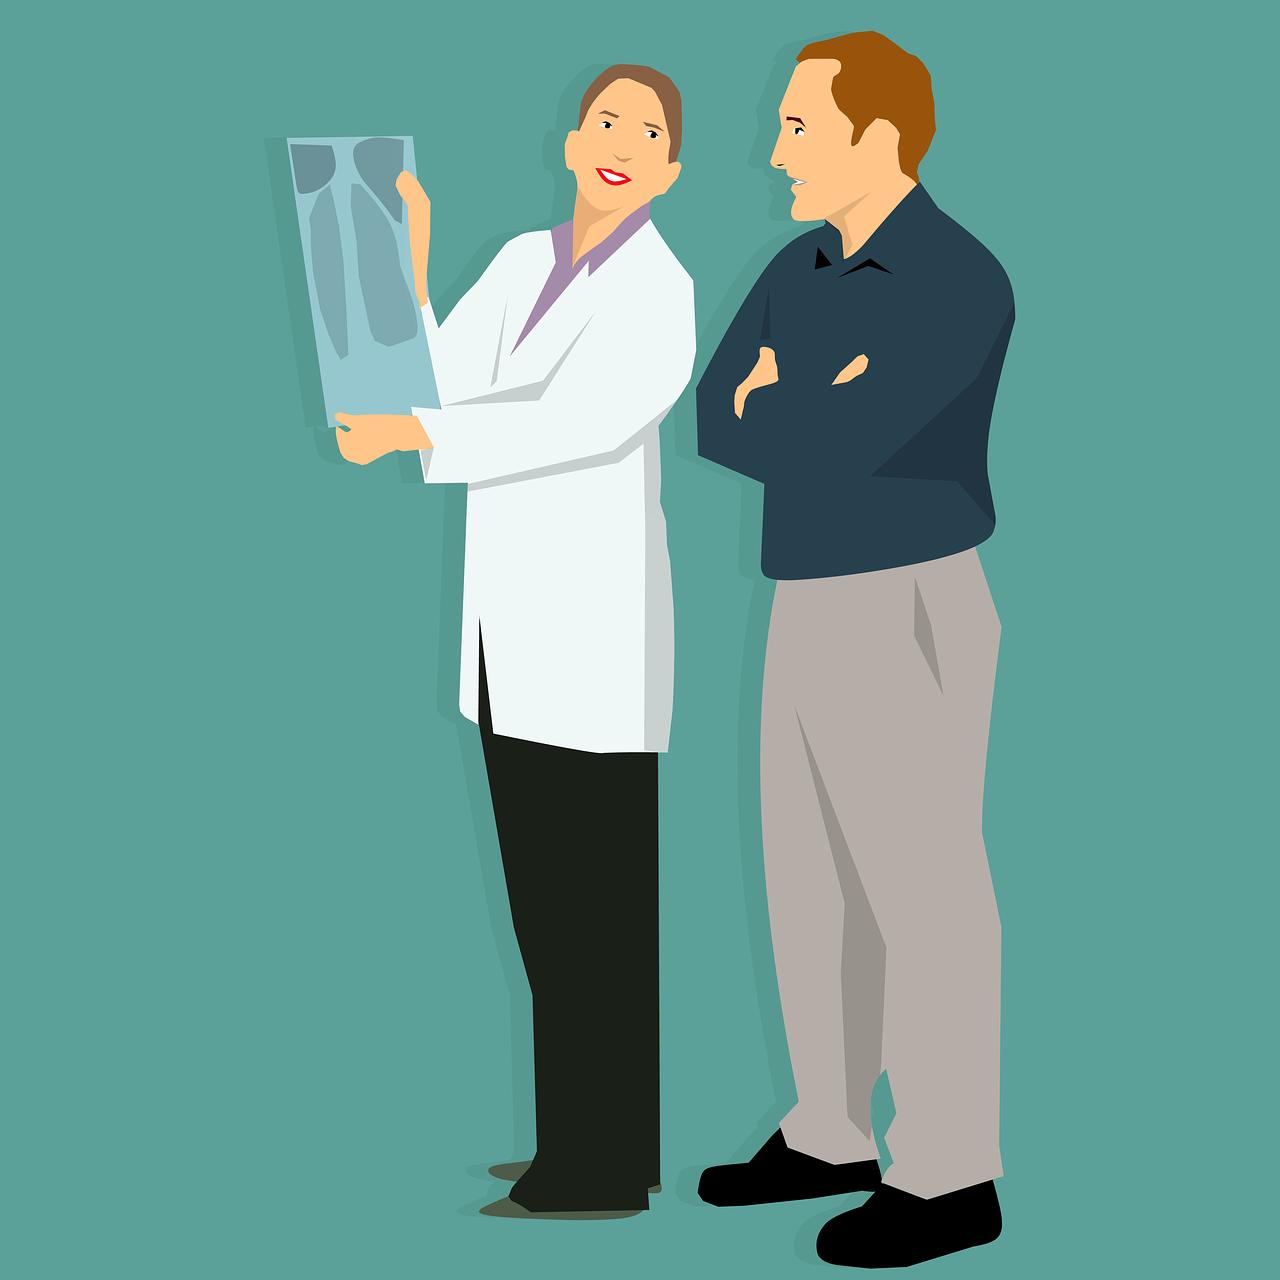 Cyfryzacja polskiej służby zdrowia w ocenie lekarzy i pacjentów